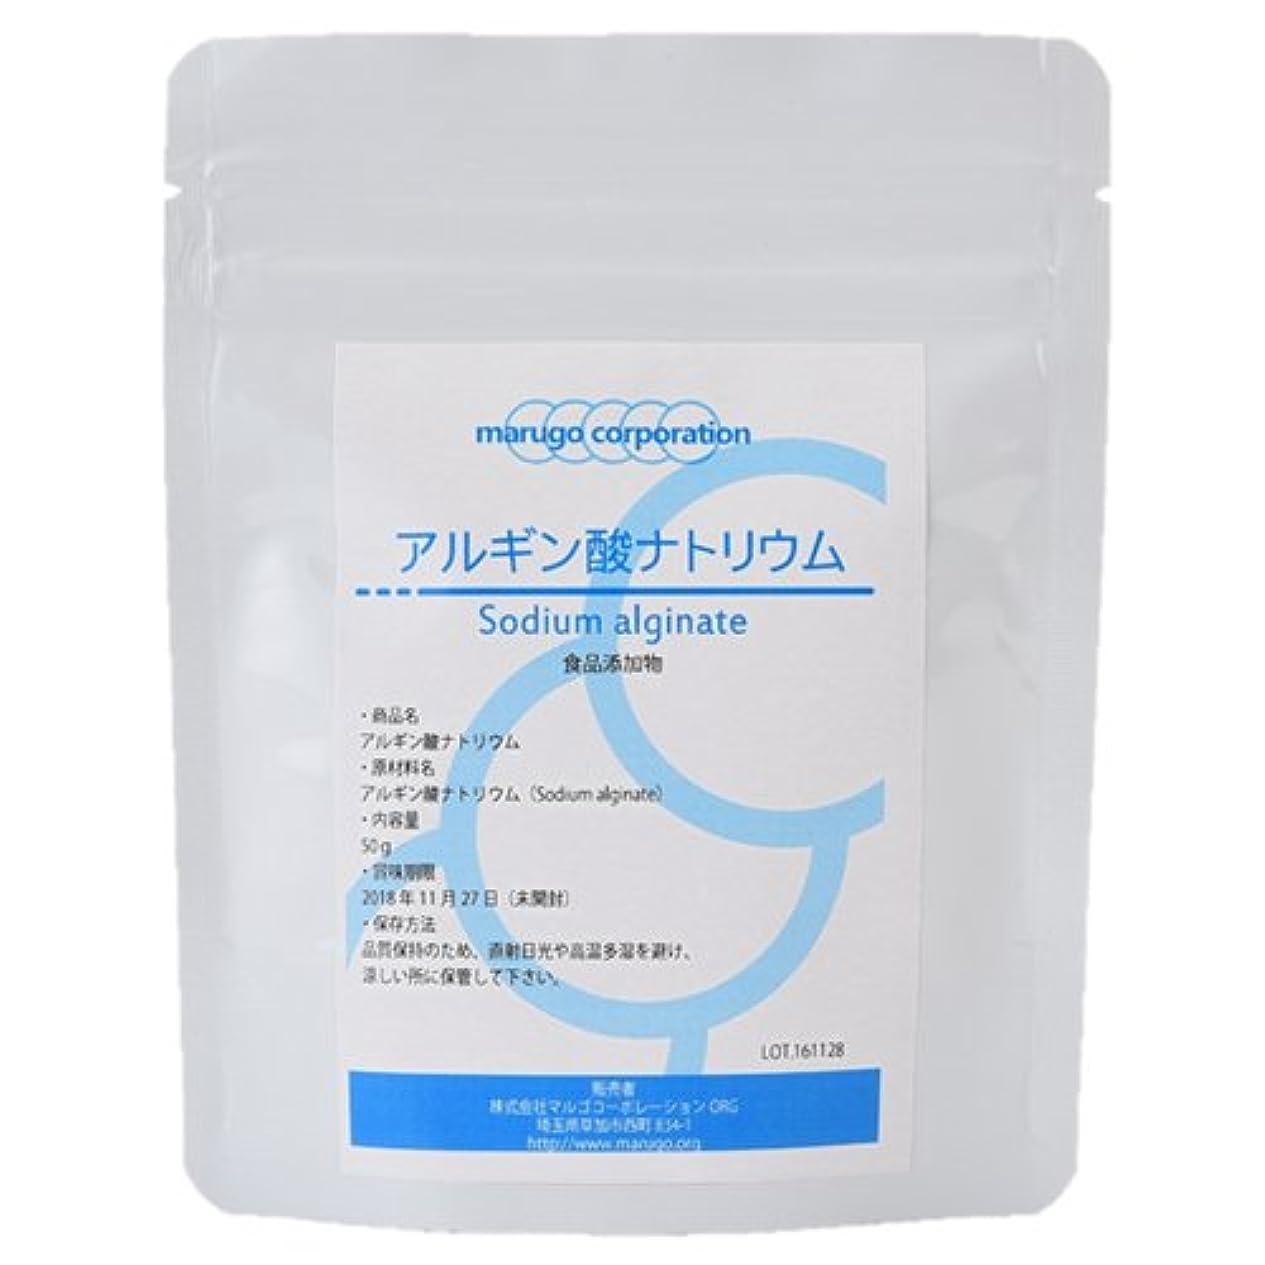 比較的深める運命marugo(マルゴ) アルギン酸ナトリウム 50g 人口イクラ ぷるぷる水 食品添加物グレード(食用)